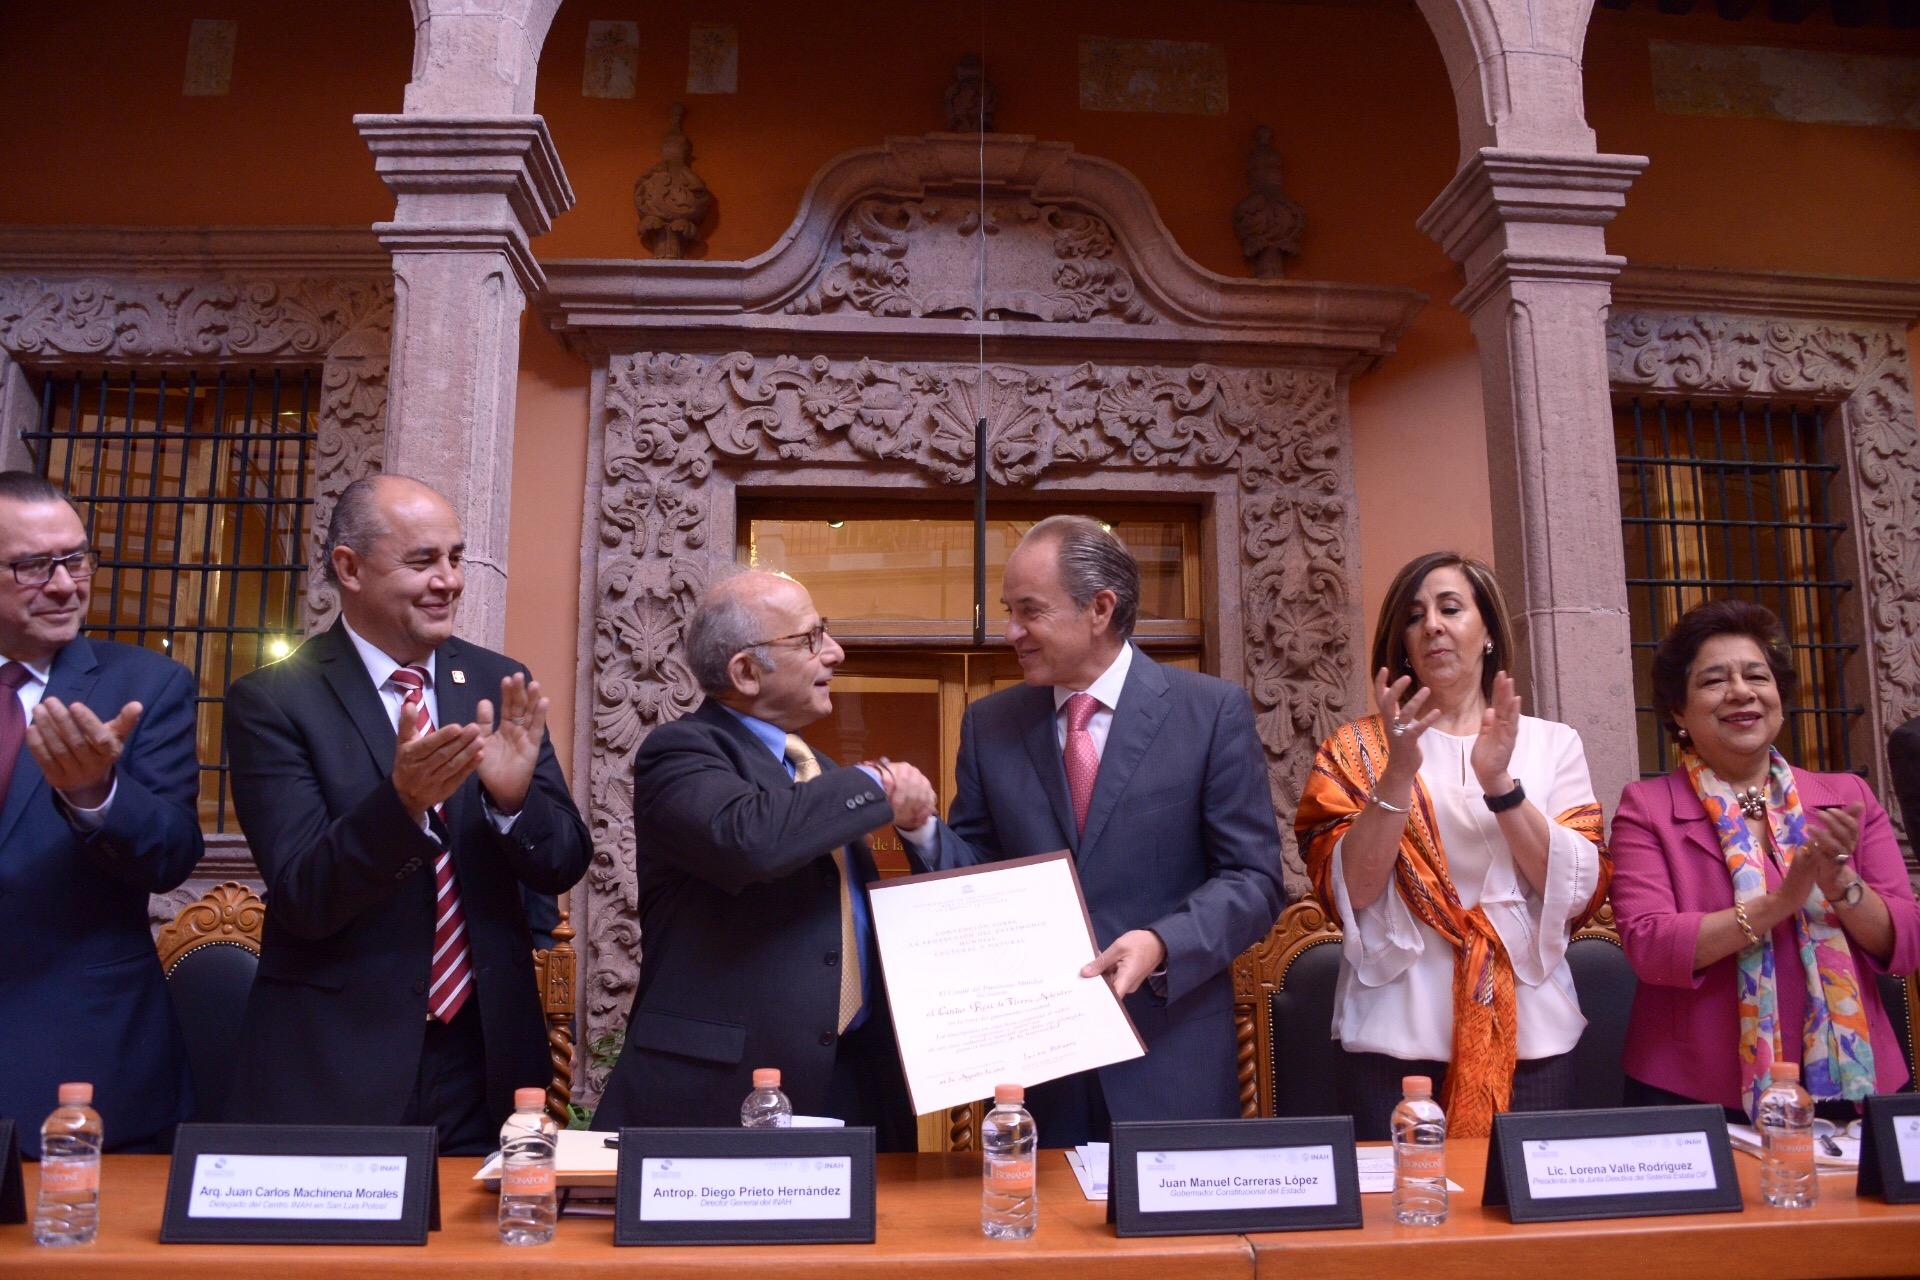 Centro Histórico de San Luis Potosí recibe certificación de Patrimonio Mundial por parte del INAH y de la UNESCO